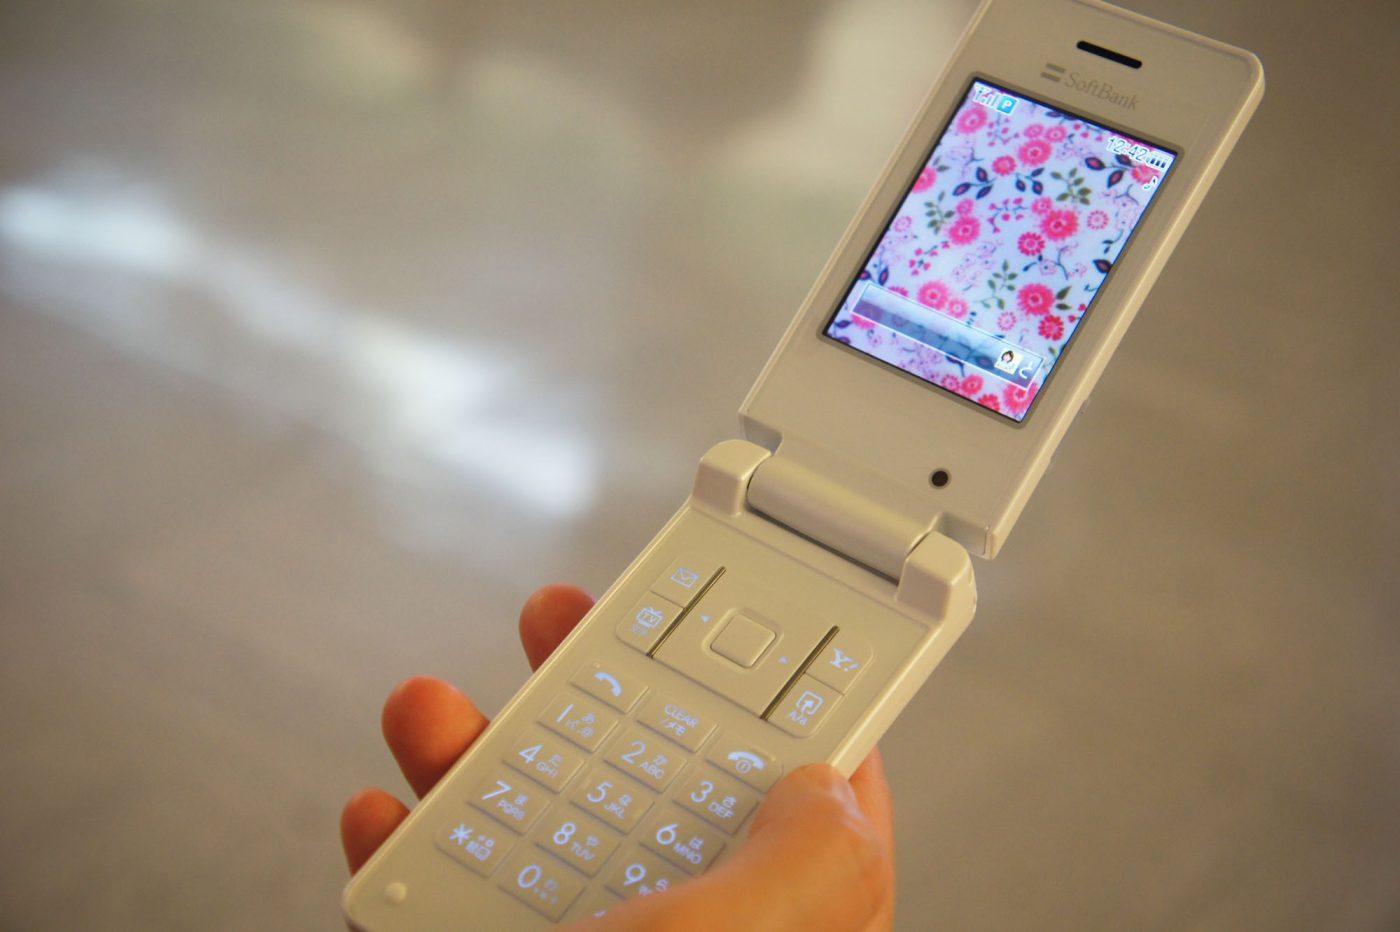 Le Japon bientôt en rupture de stock de numéros de téléphone ?